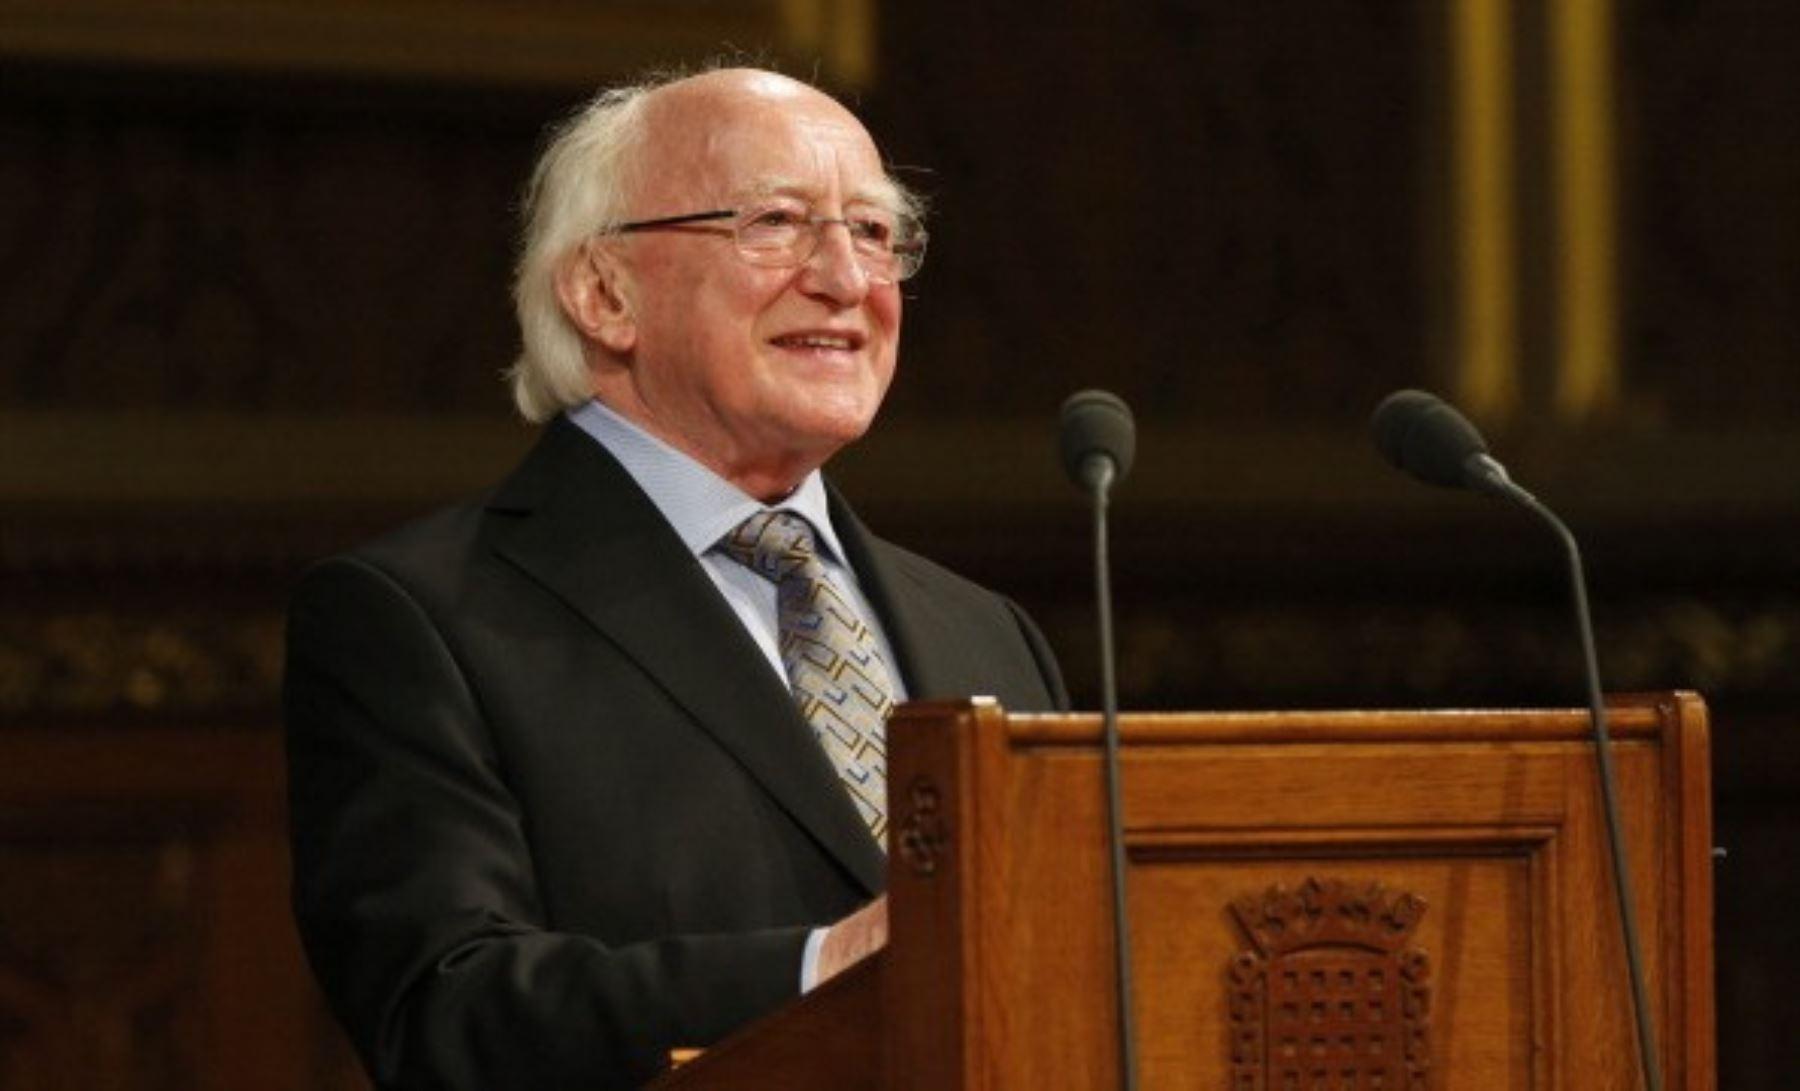 El presidente de Irlanda, Michael D. Higgin. AFP